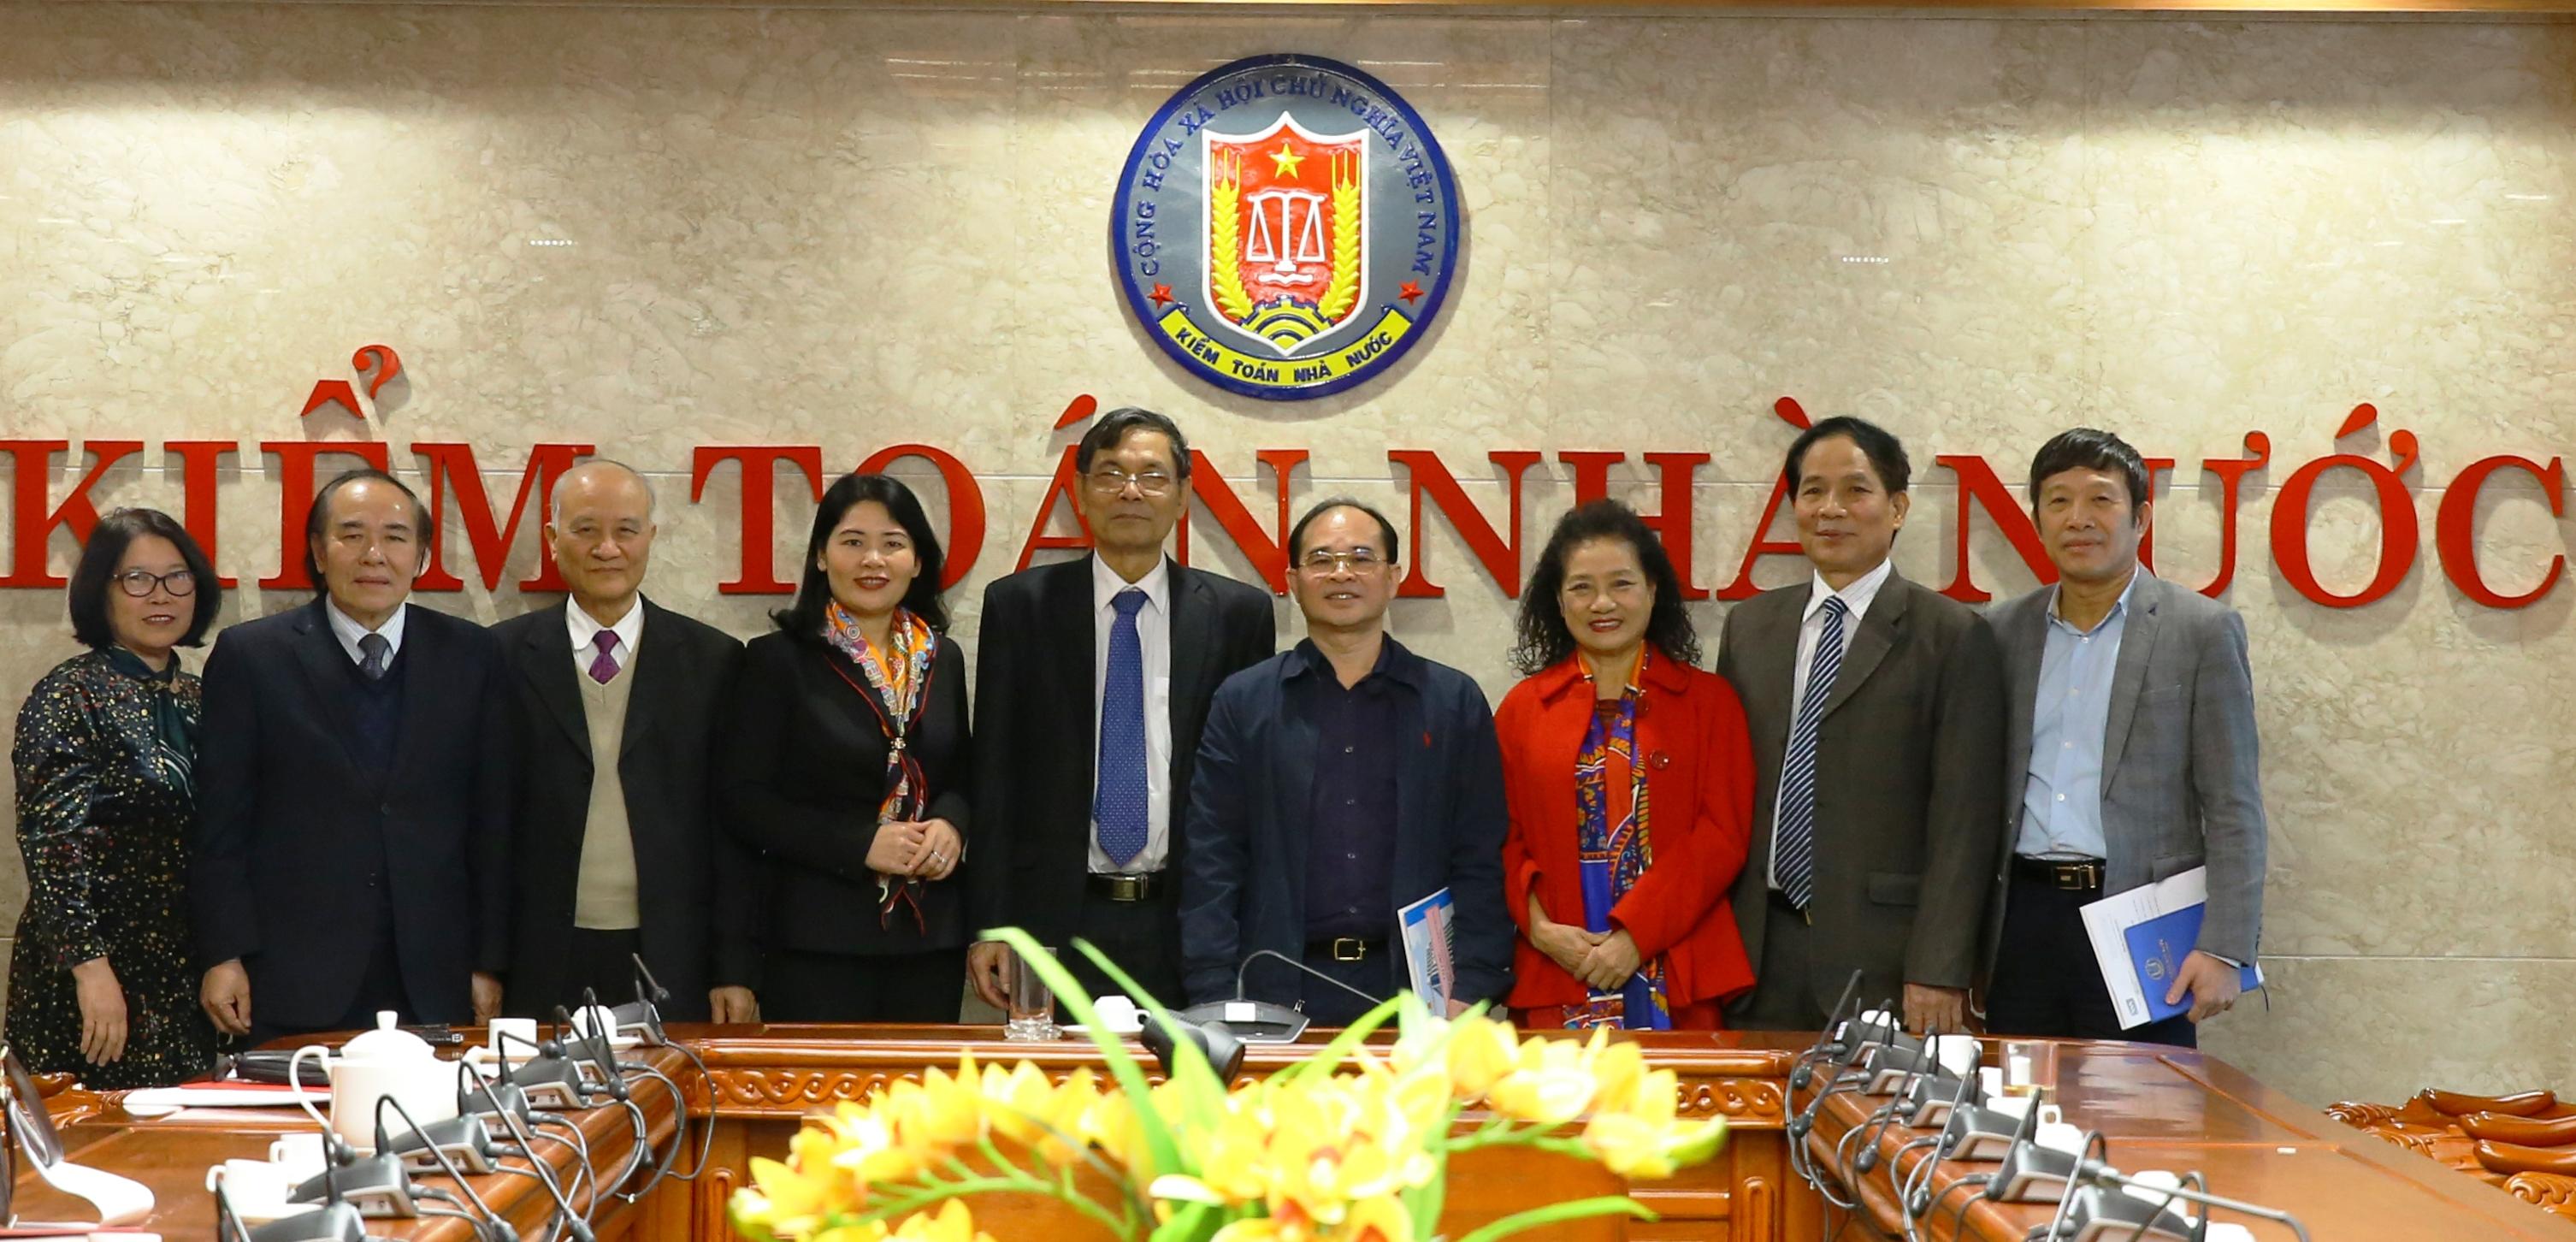 Phó Tổng Kiểm toán Nhà nước Nguyễn Quang Thành làm việc với Hội Kế toán và Kiểm toán Việt Nam